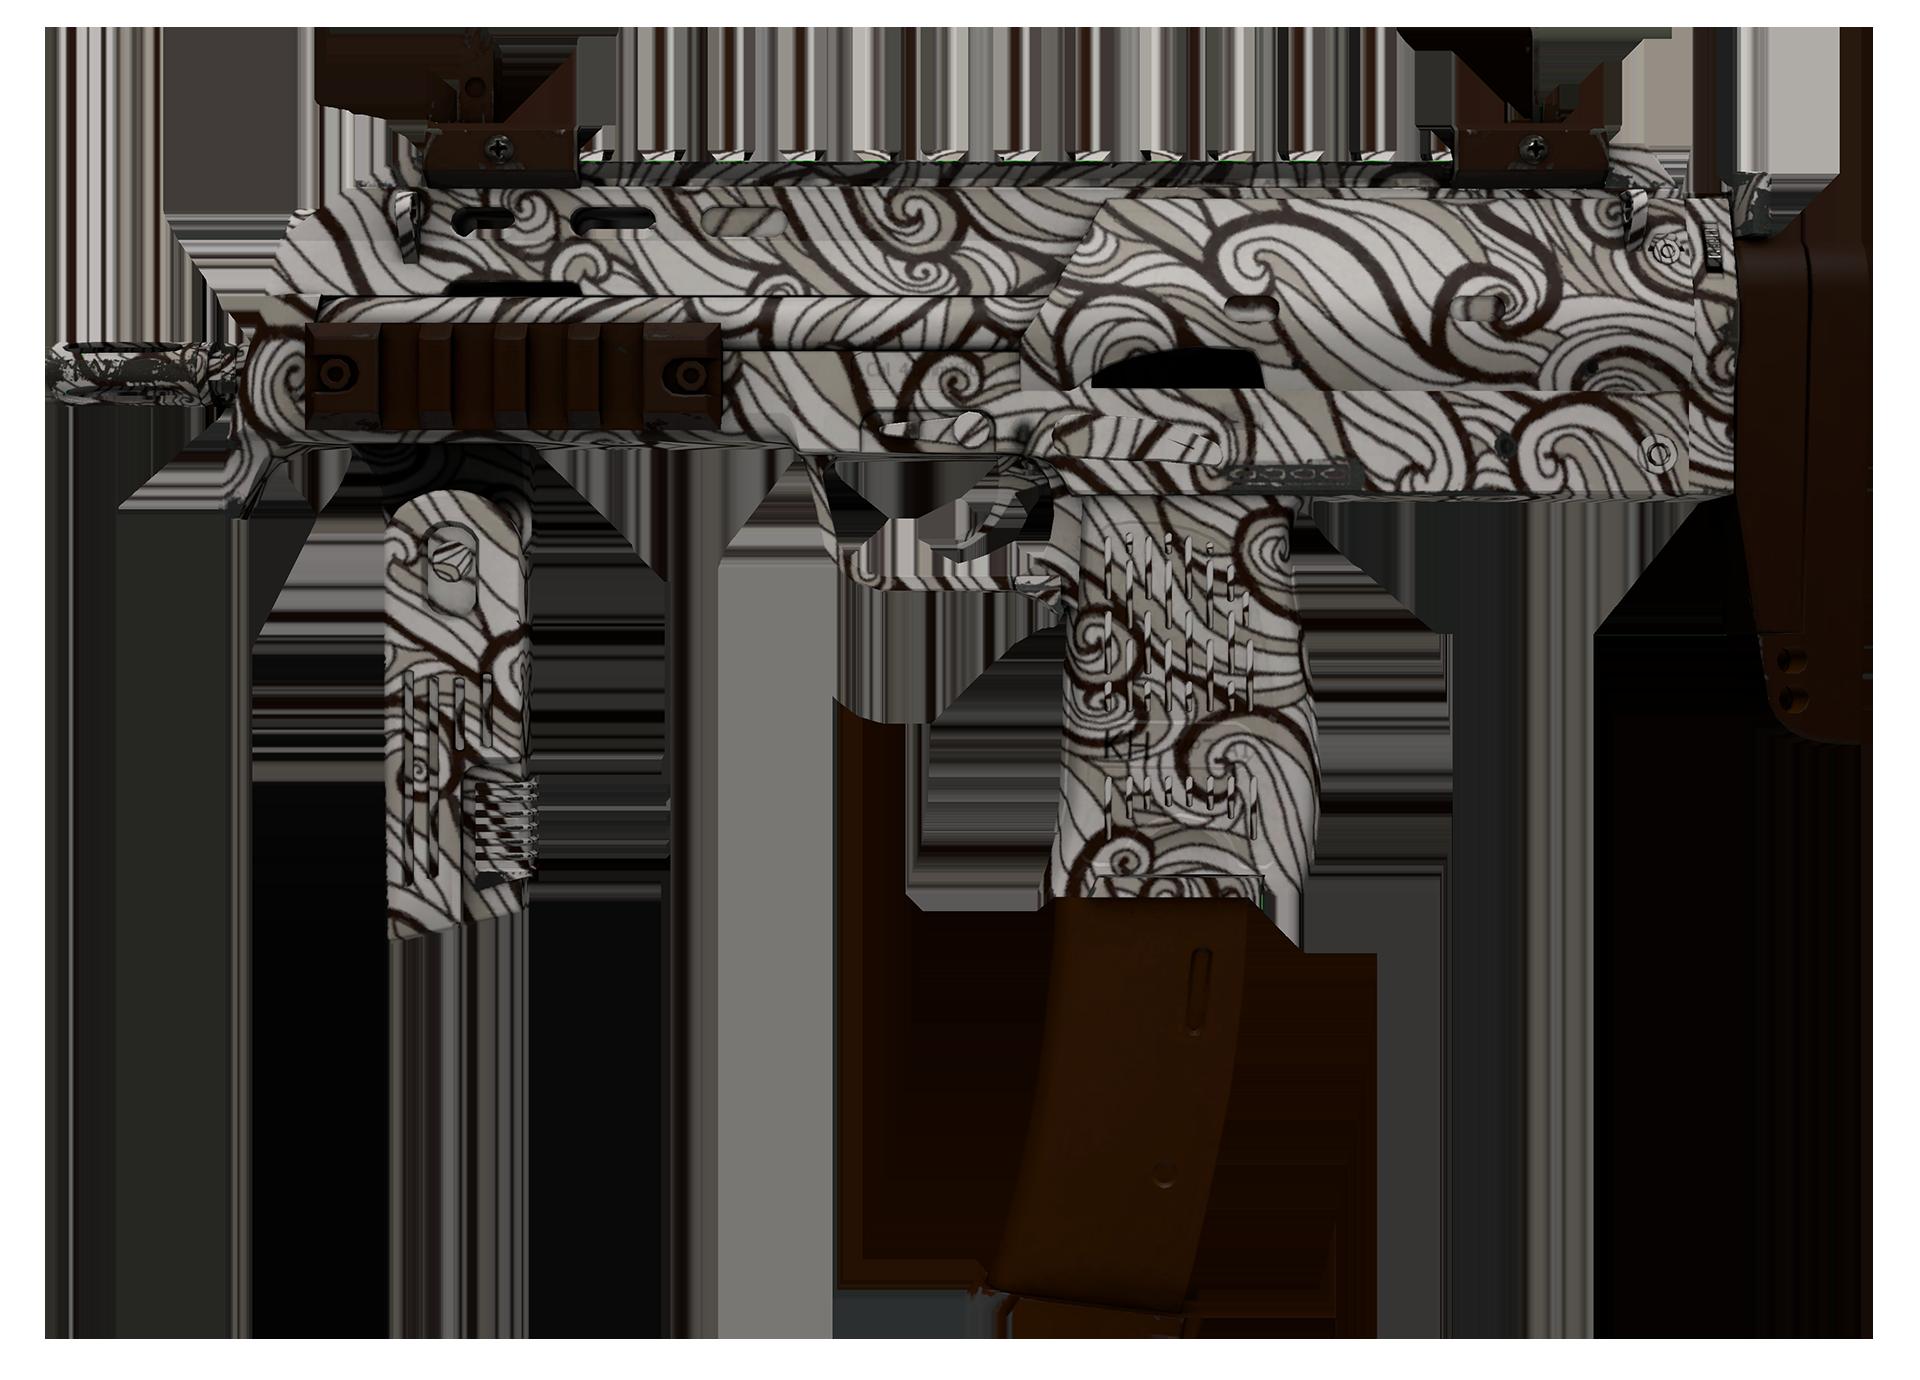 MP7 Gunsmoke Large Rendering